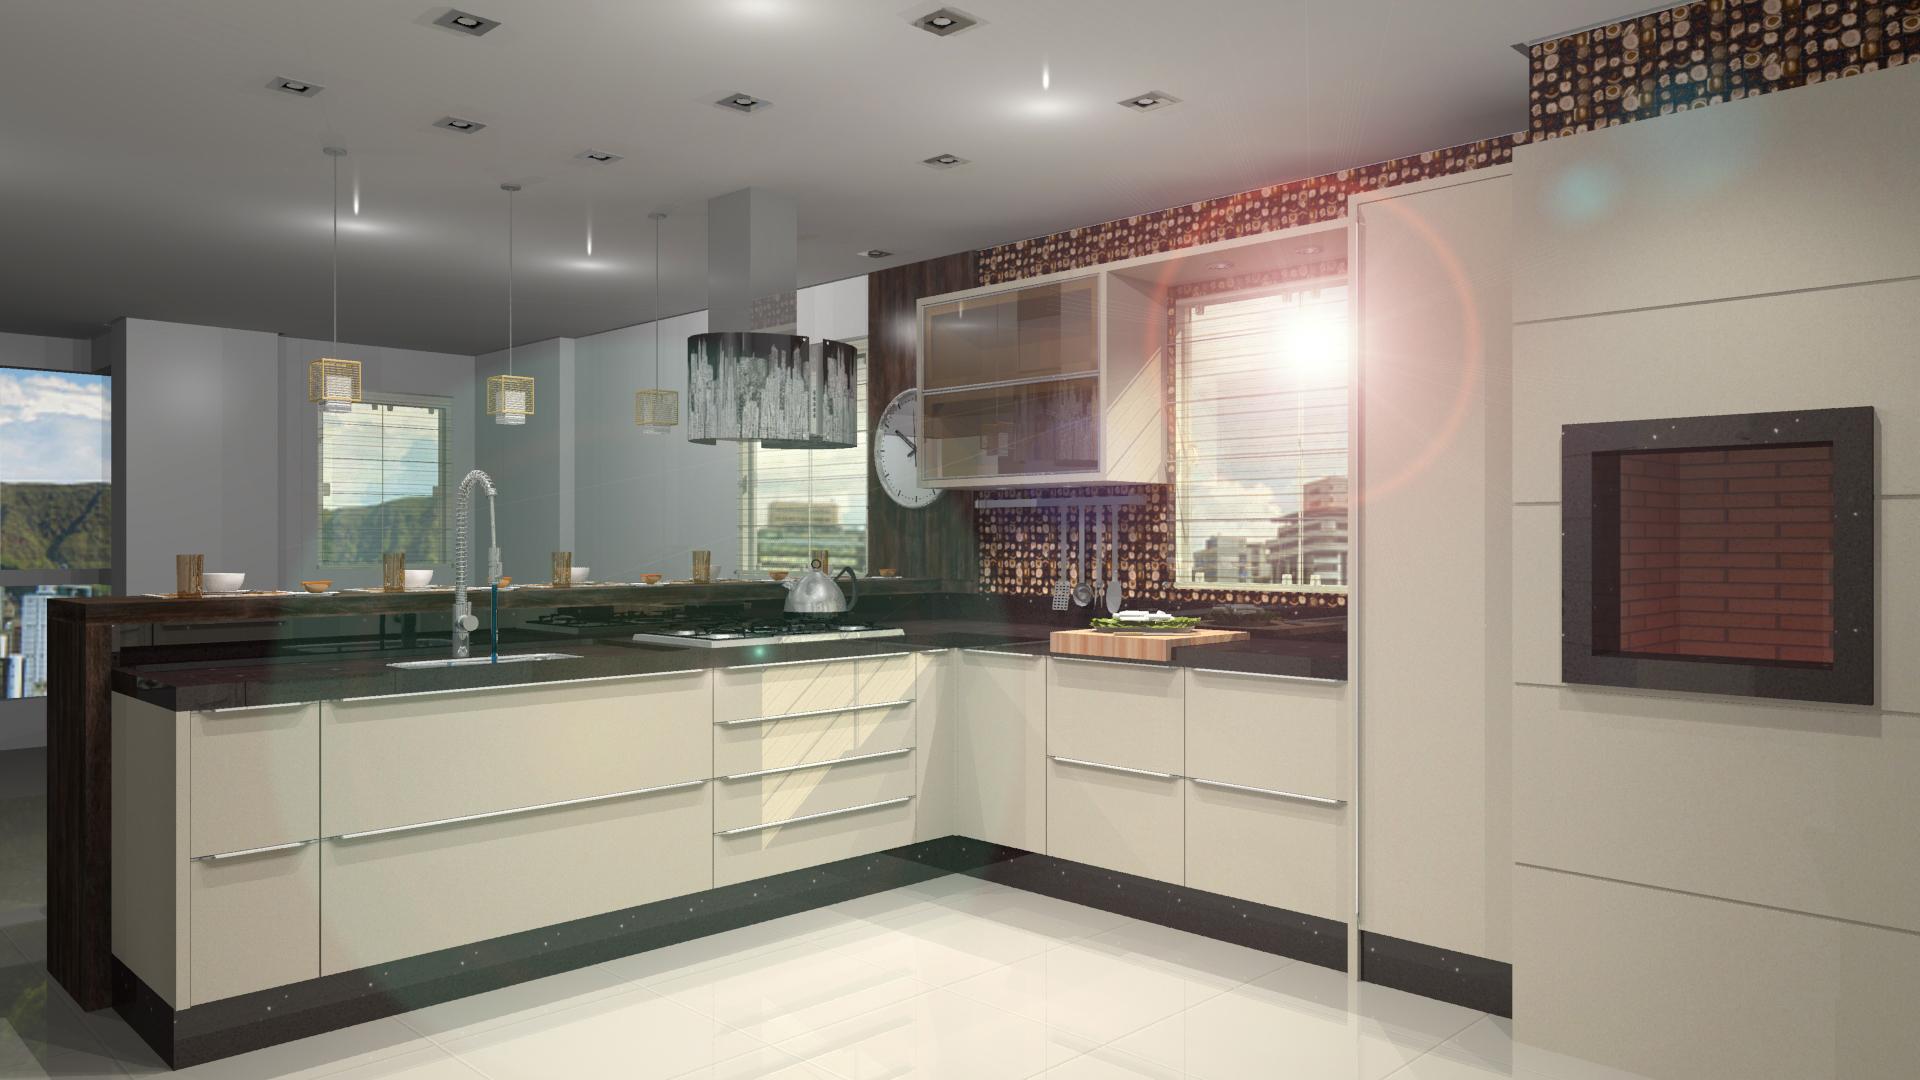 Cozinha 01 - 01